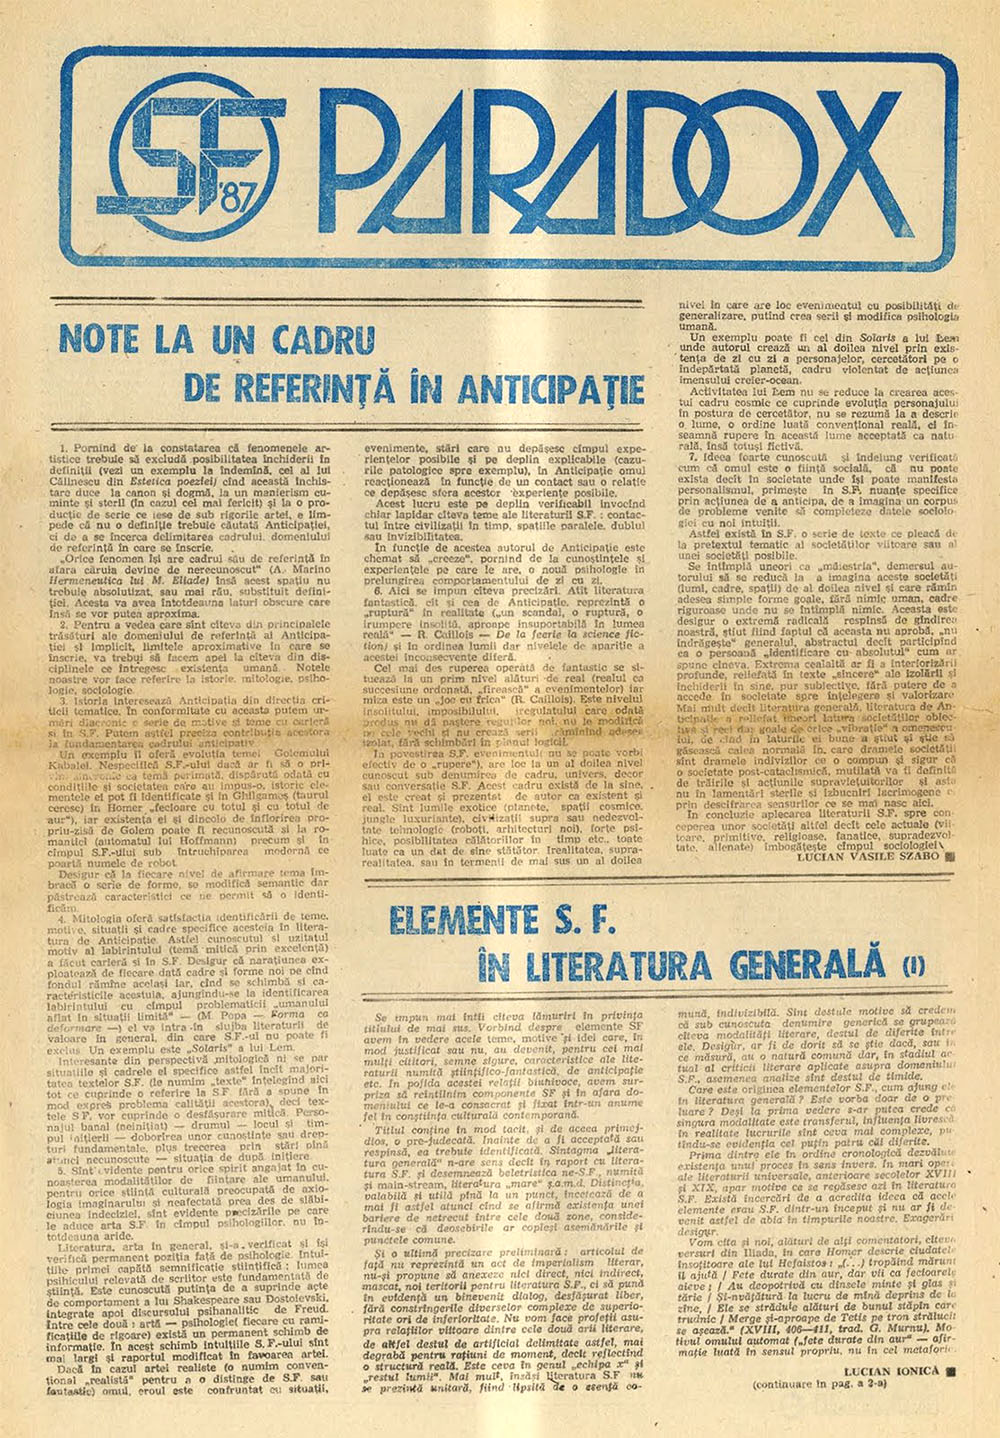 Paradox nr. 12/1987